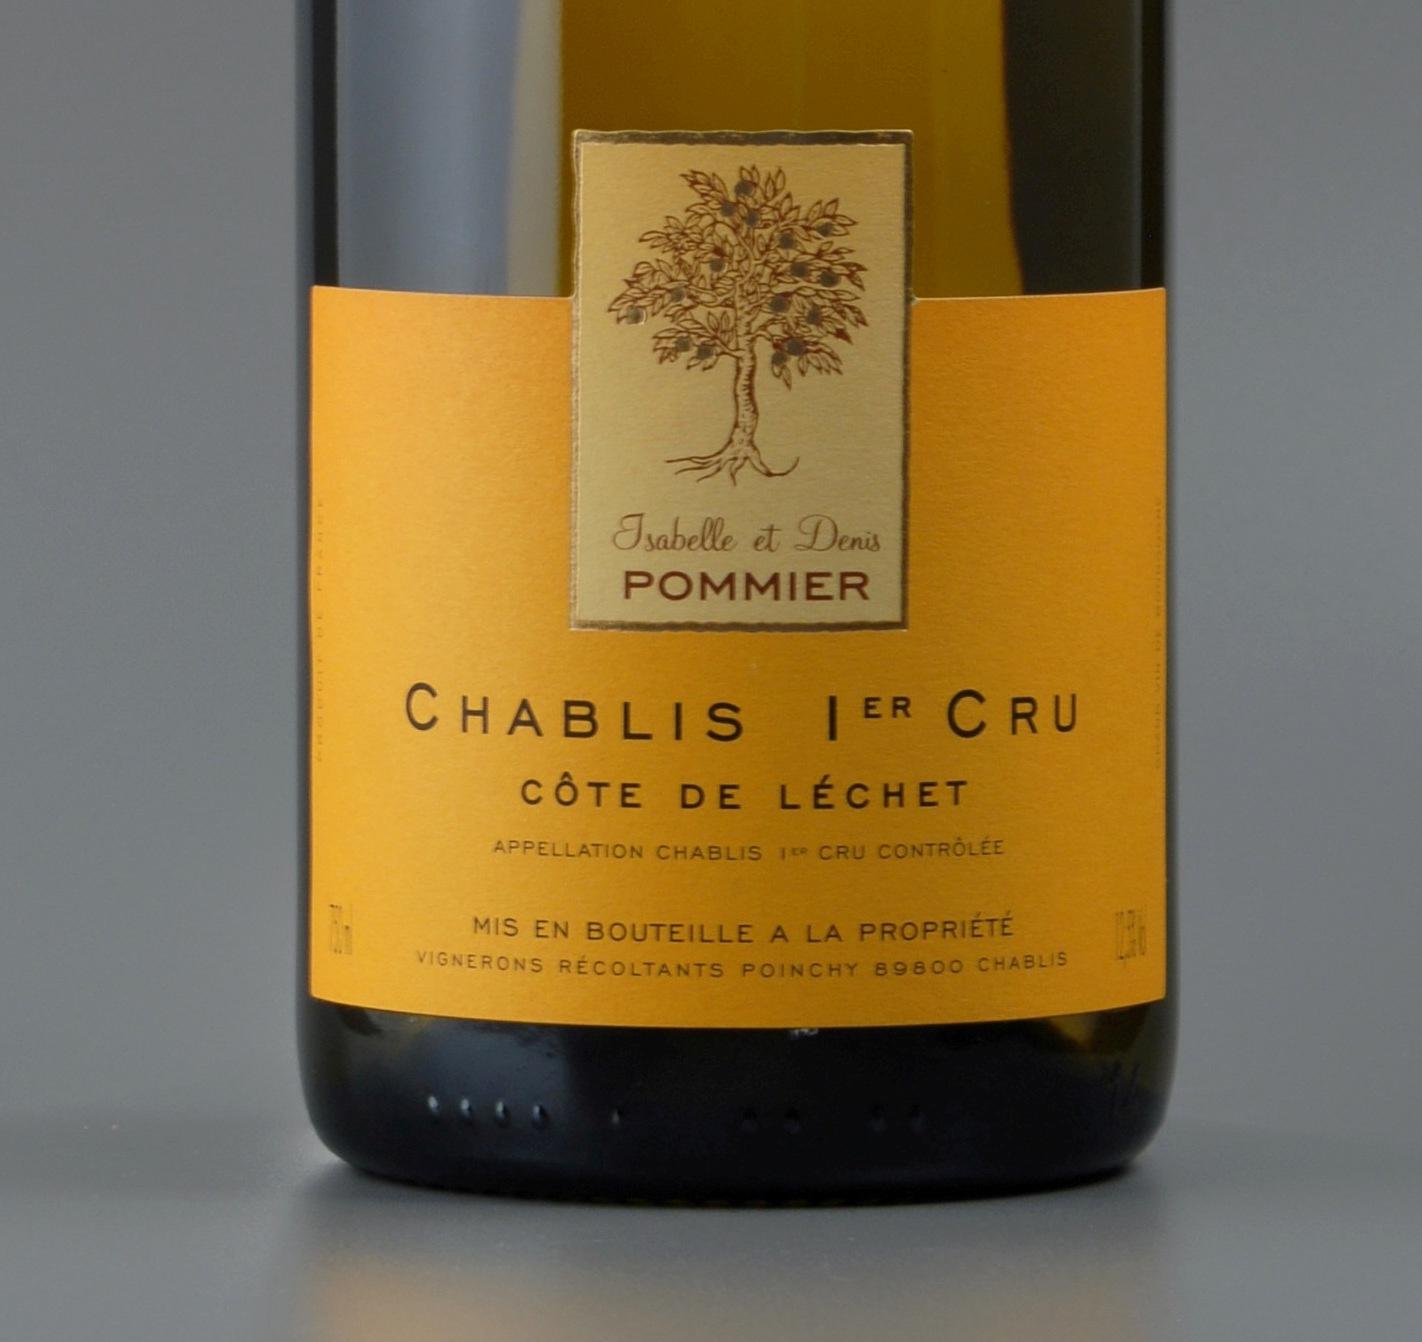 Chablis Premier Cru 4 - Fourchaume, Beauroy, Côte de Léchet